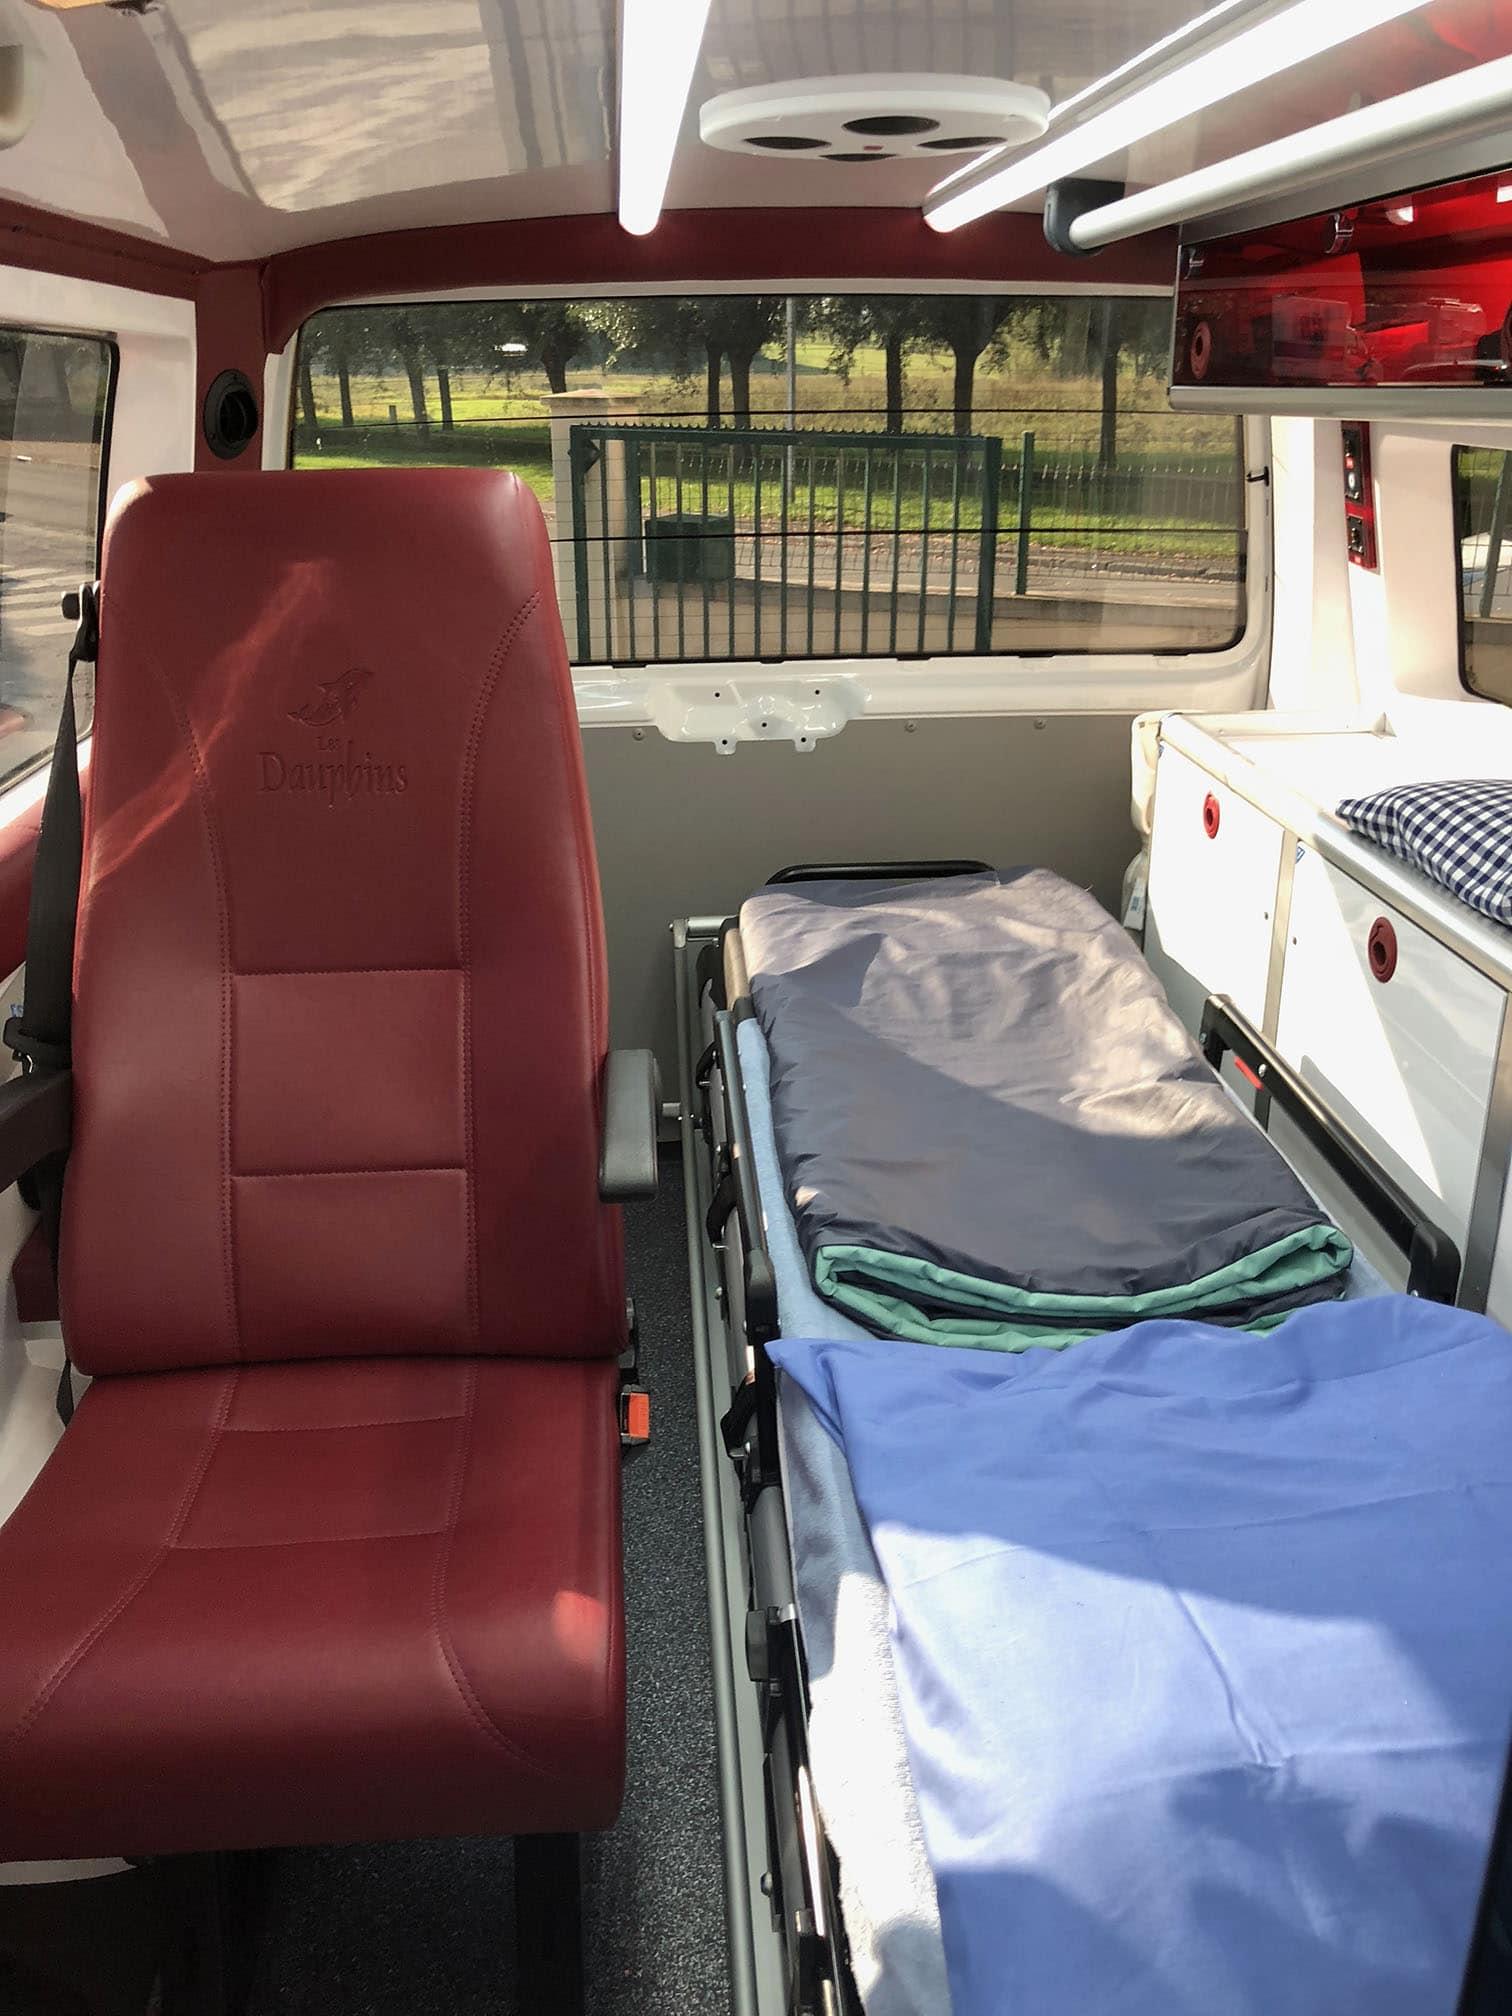 vue intérieure de l'ambulance guerlet avec brancard et équipement médical